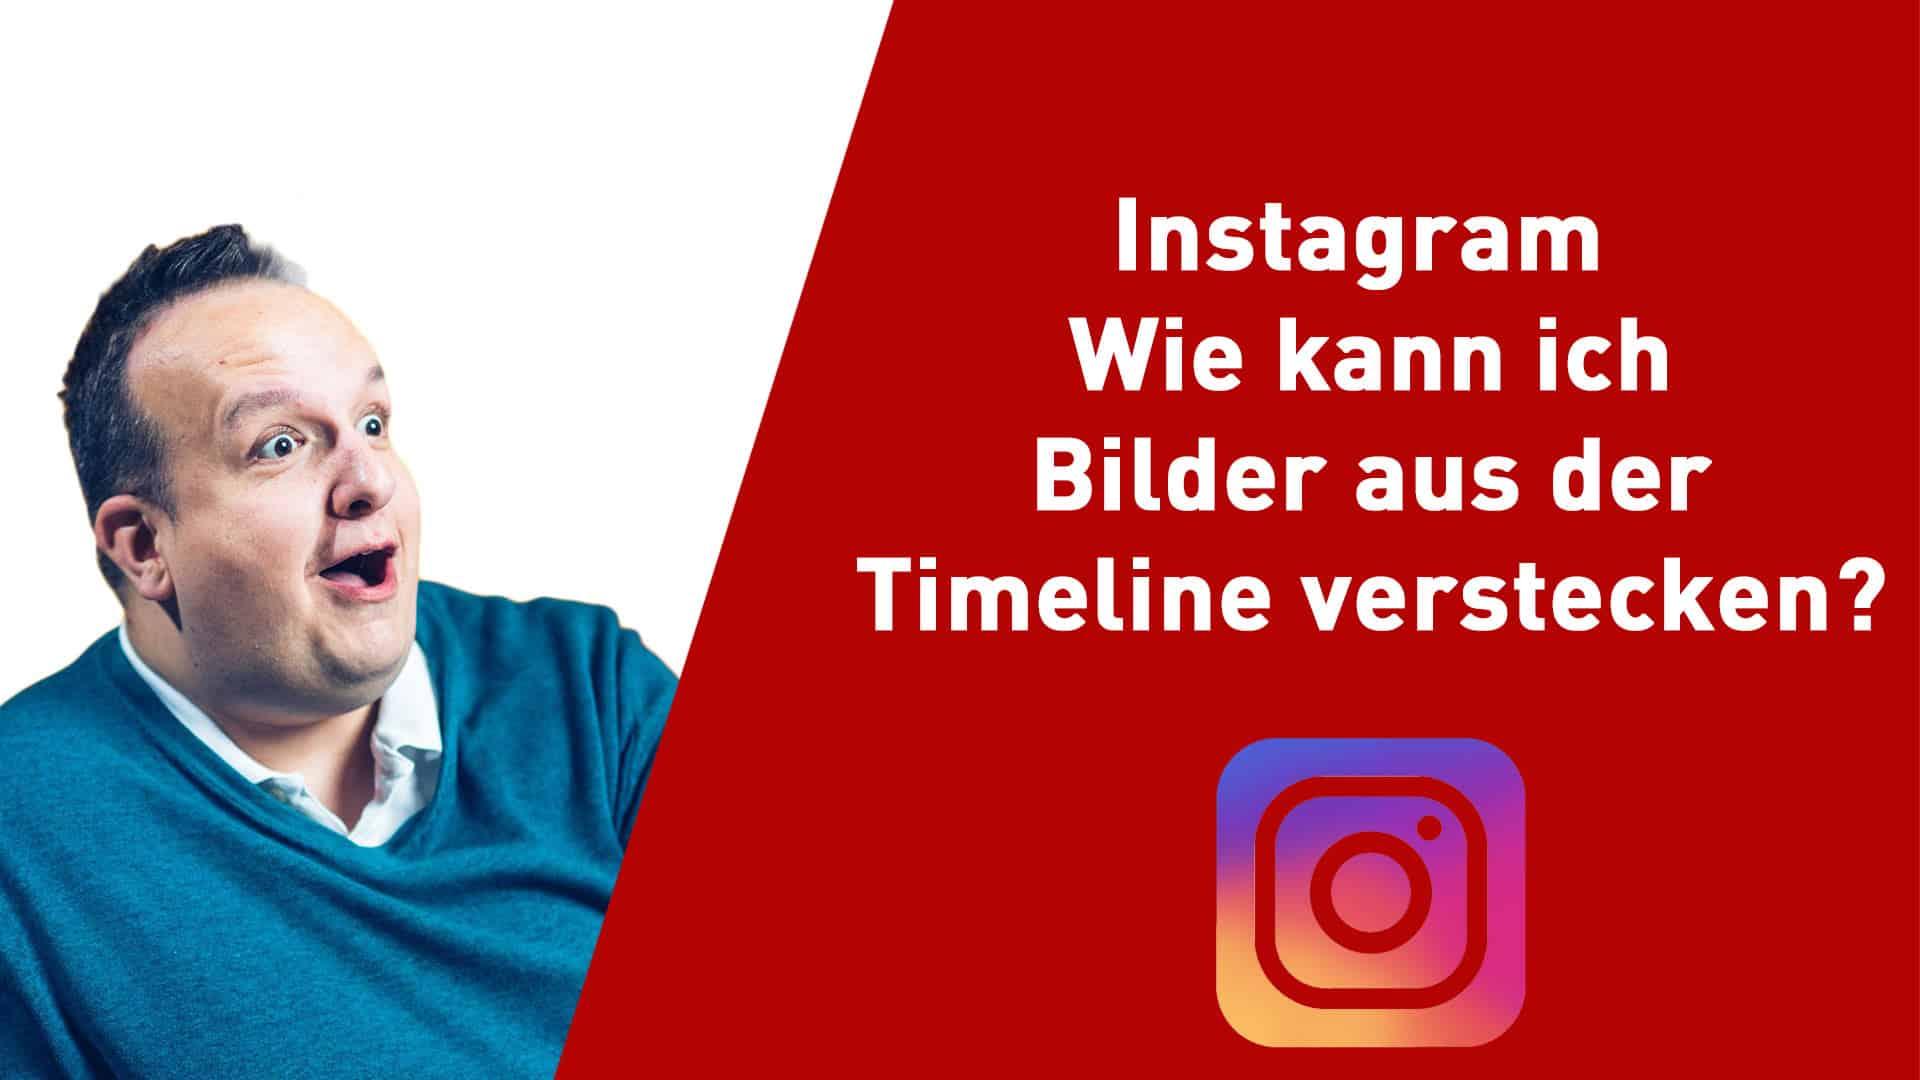 Instagram: Wie kann ich Bilder in meiner Timeline verstecken?